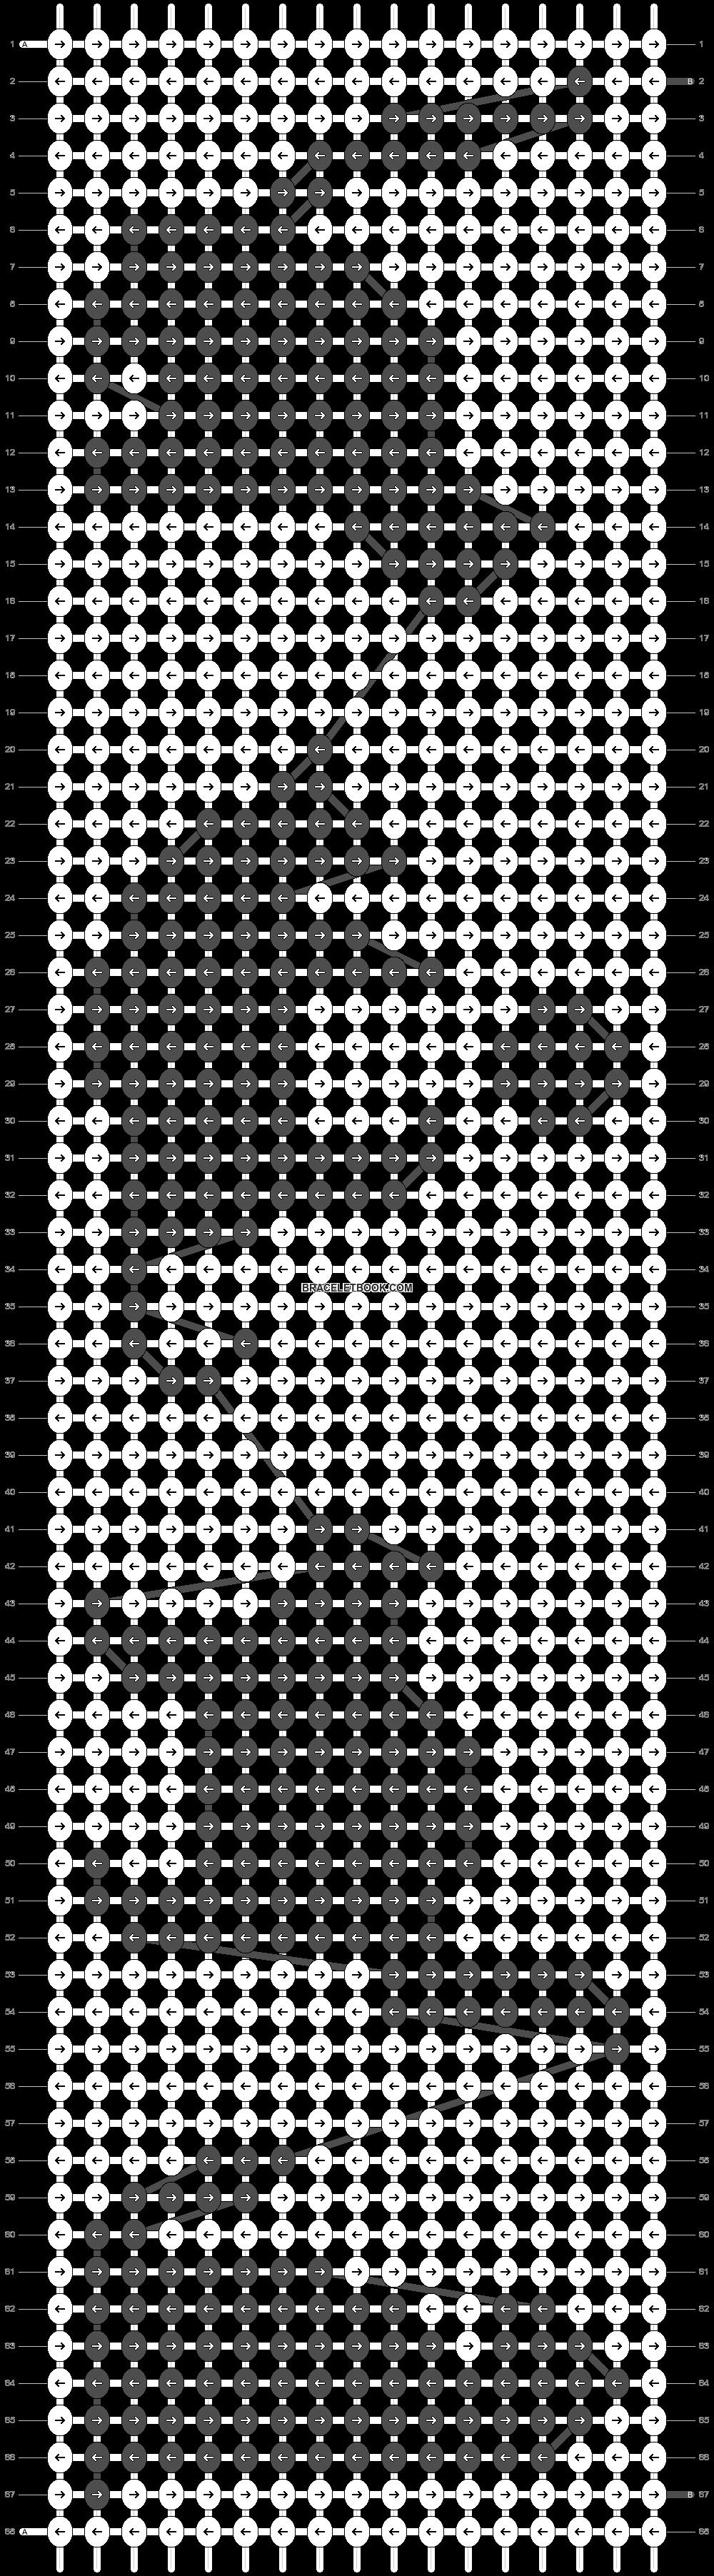 Alpha Pattern #14471 added by nicole_mae